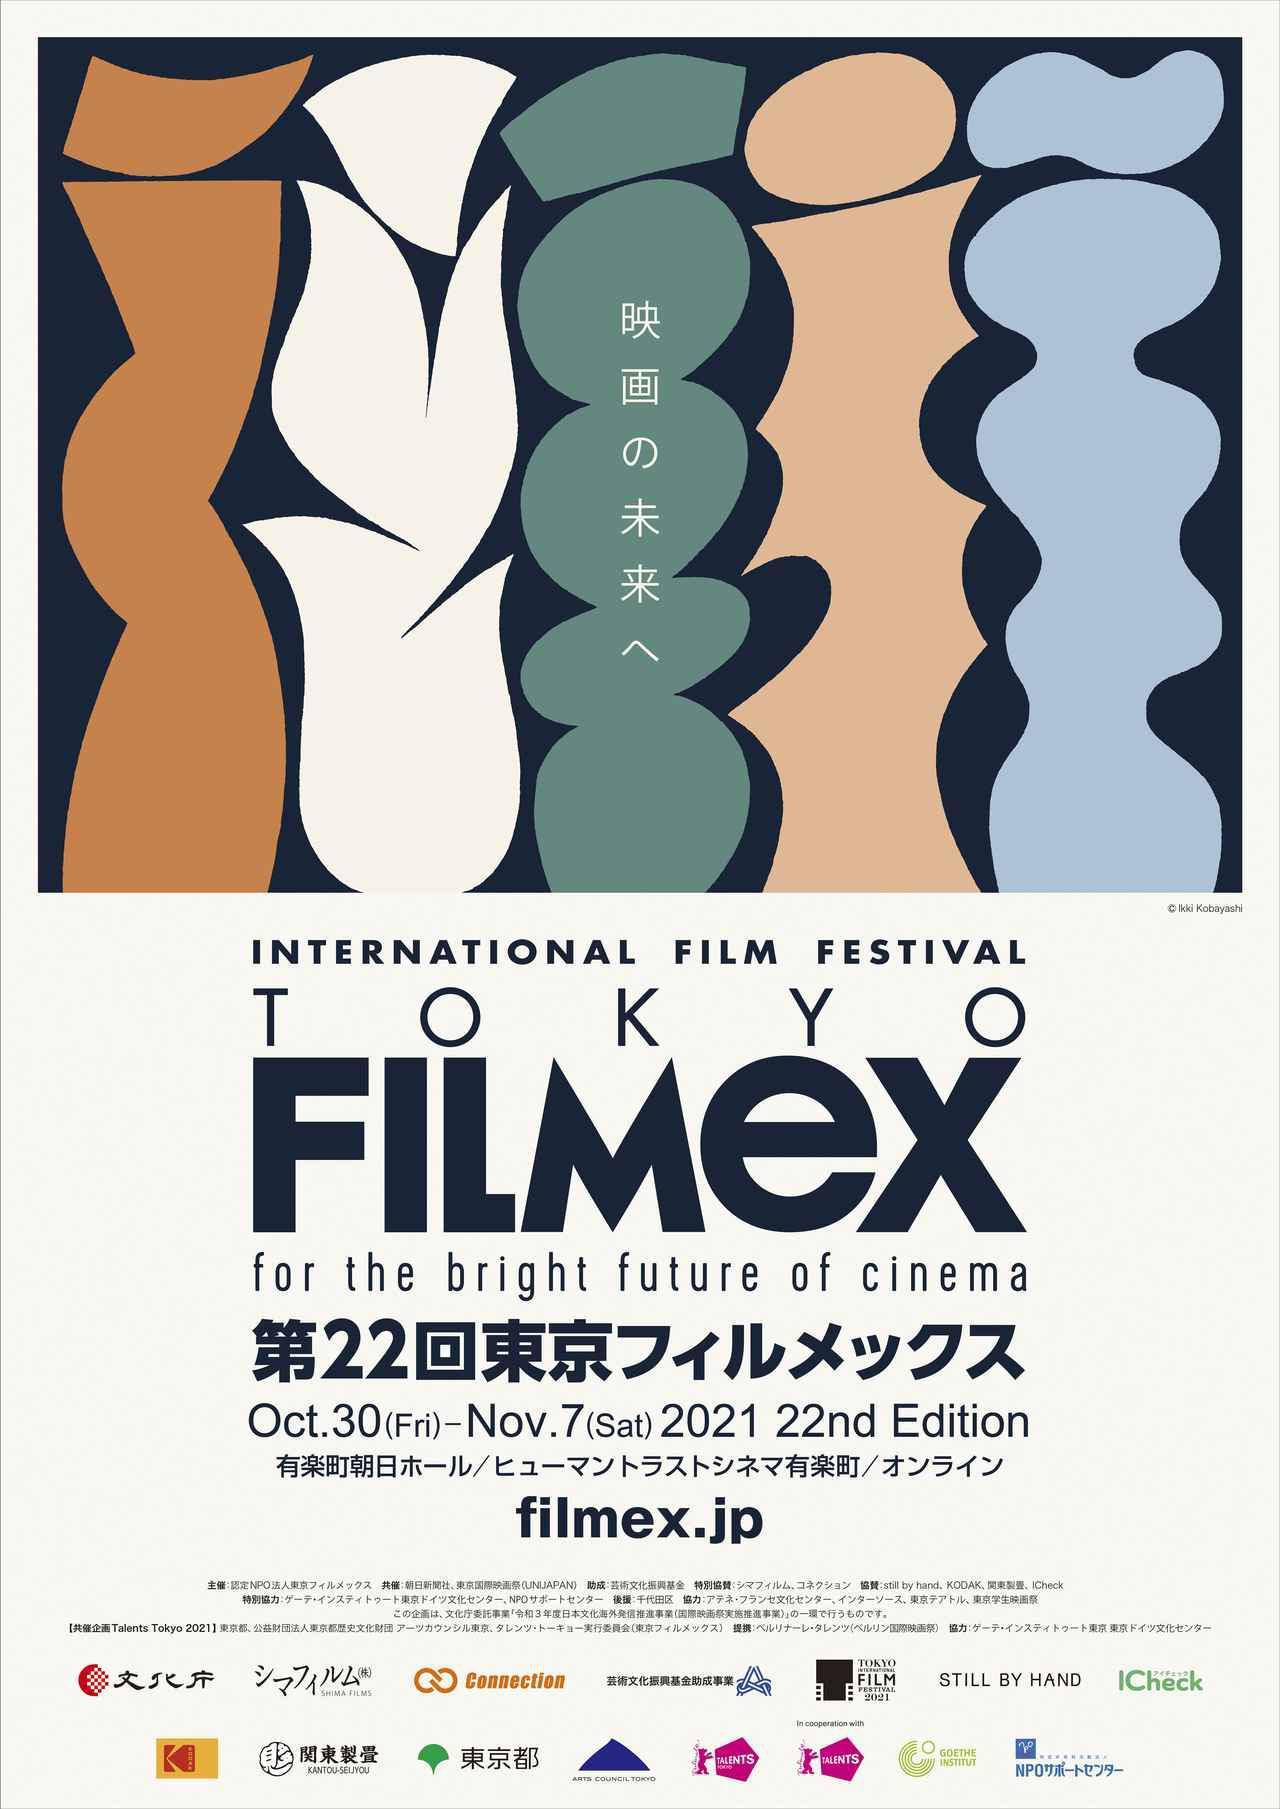 画像: 第22回東京フィルメックスがラインナップを発表!オープニング作品は『偶然と想像』、コンペティション作品は10作品-TOKYO FILMeX